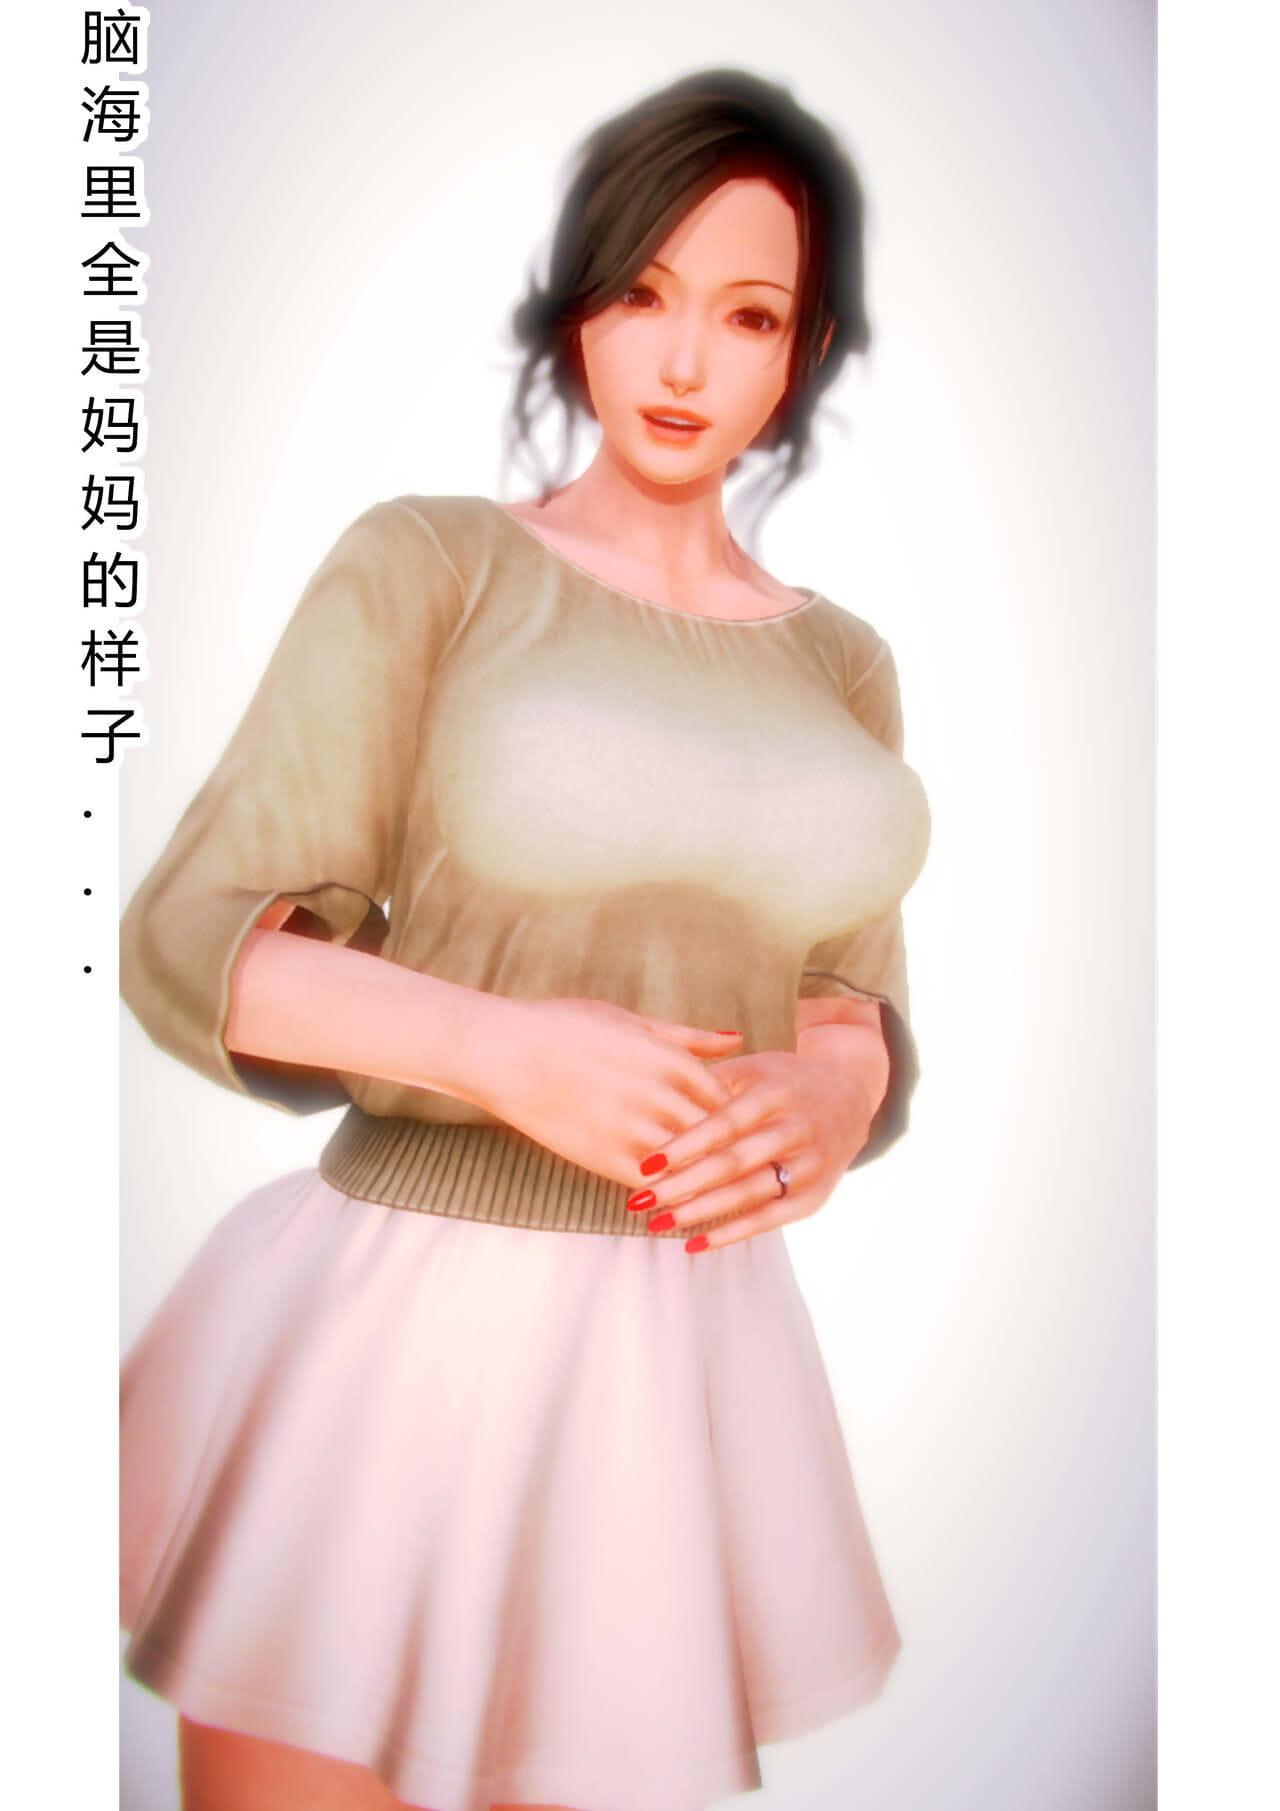 AA Daimaou 欲望爱母 Chinese - faithfulness 4